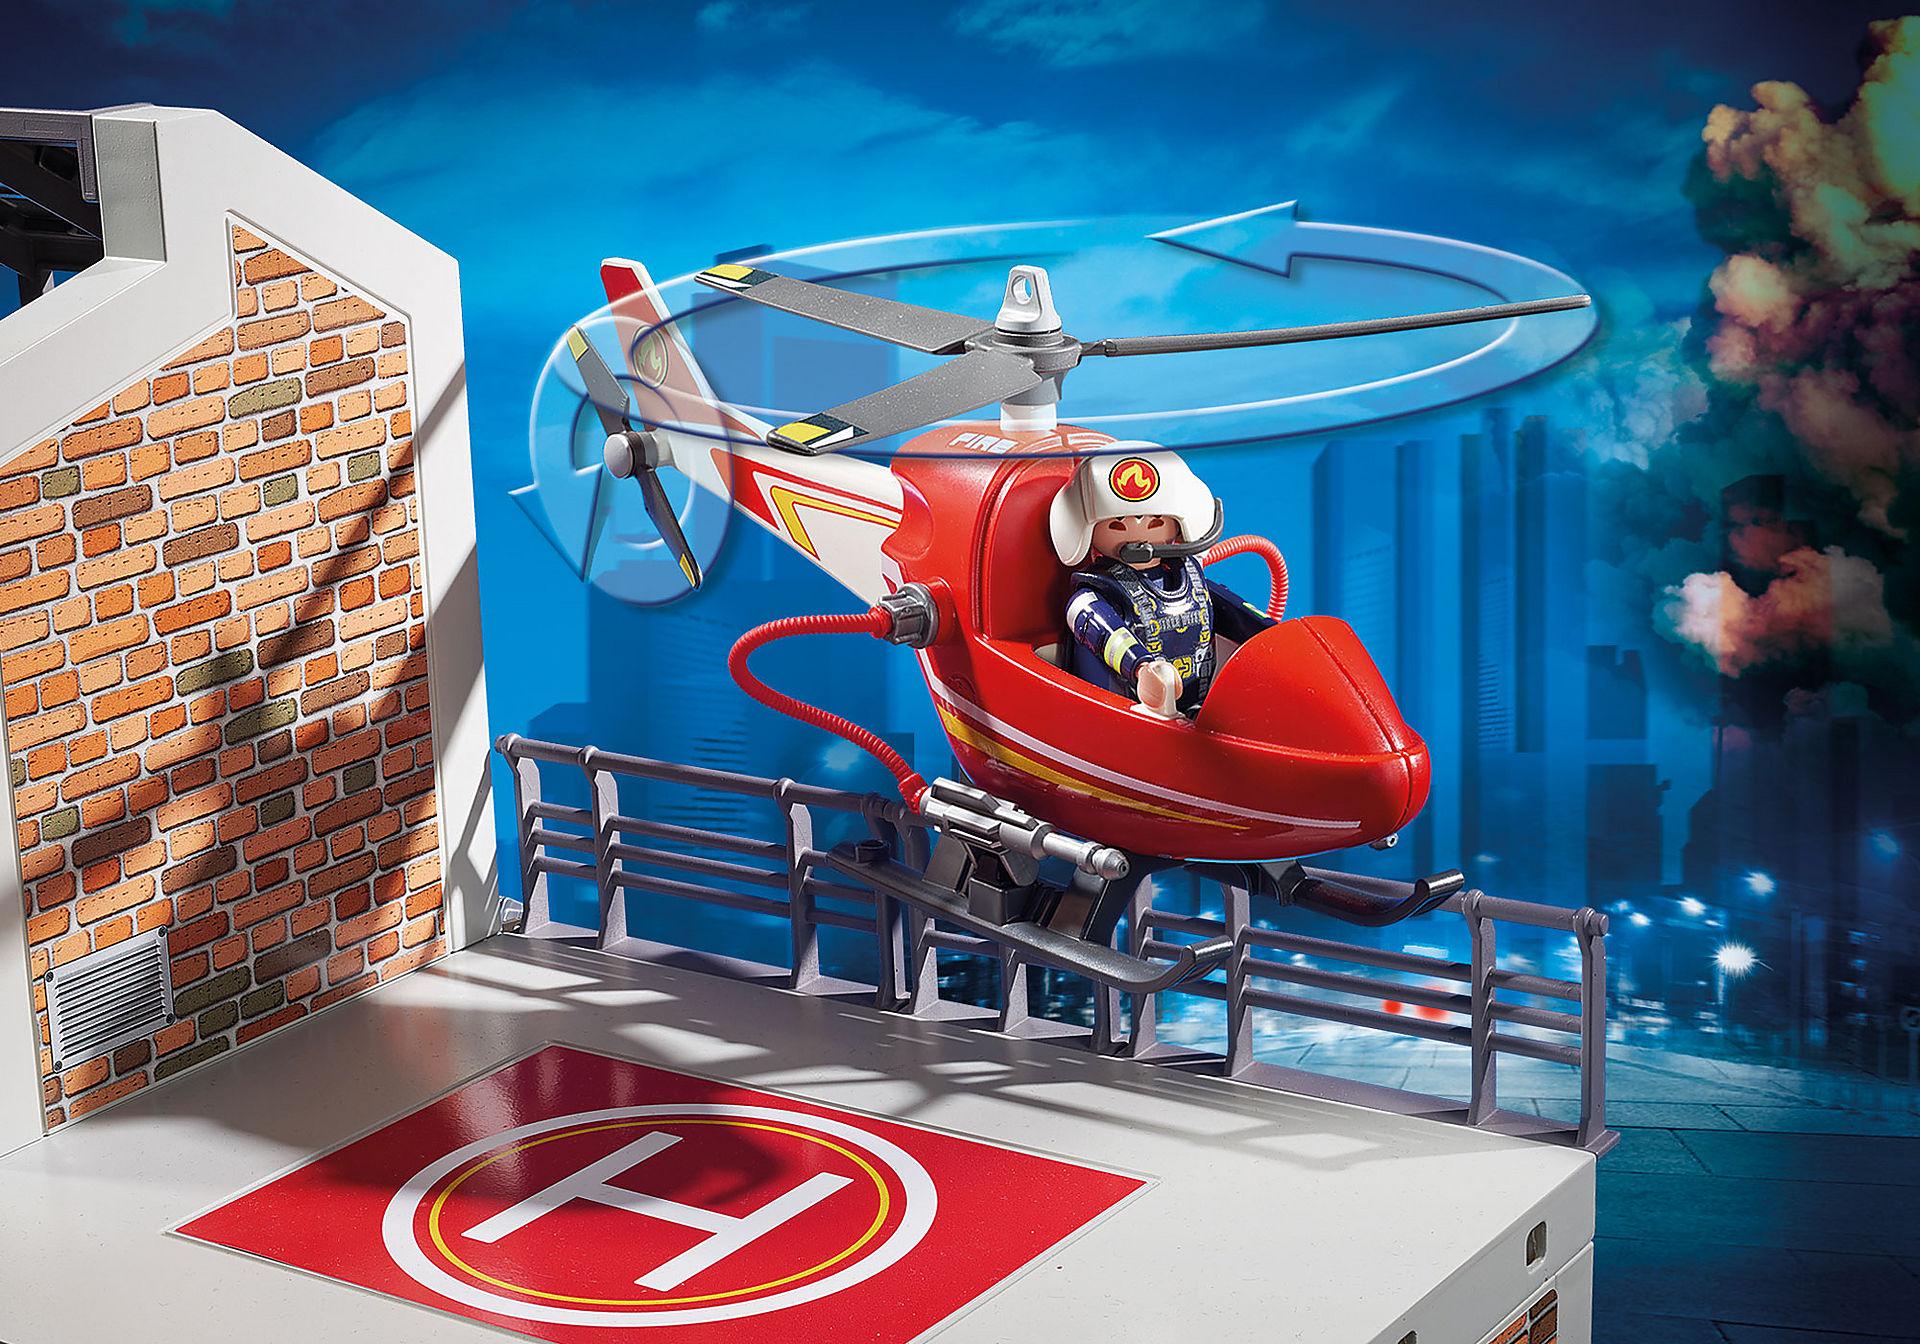 9462 Duża remiza strażacka zoom image5